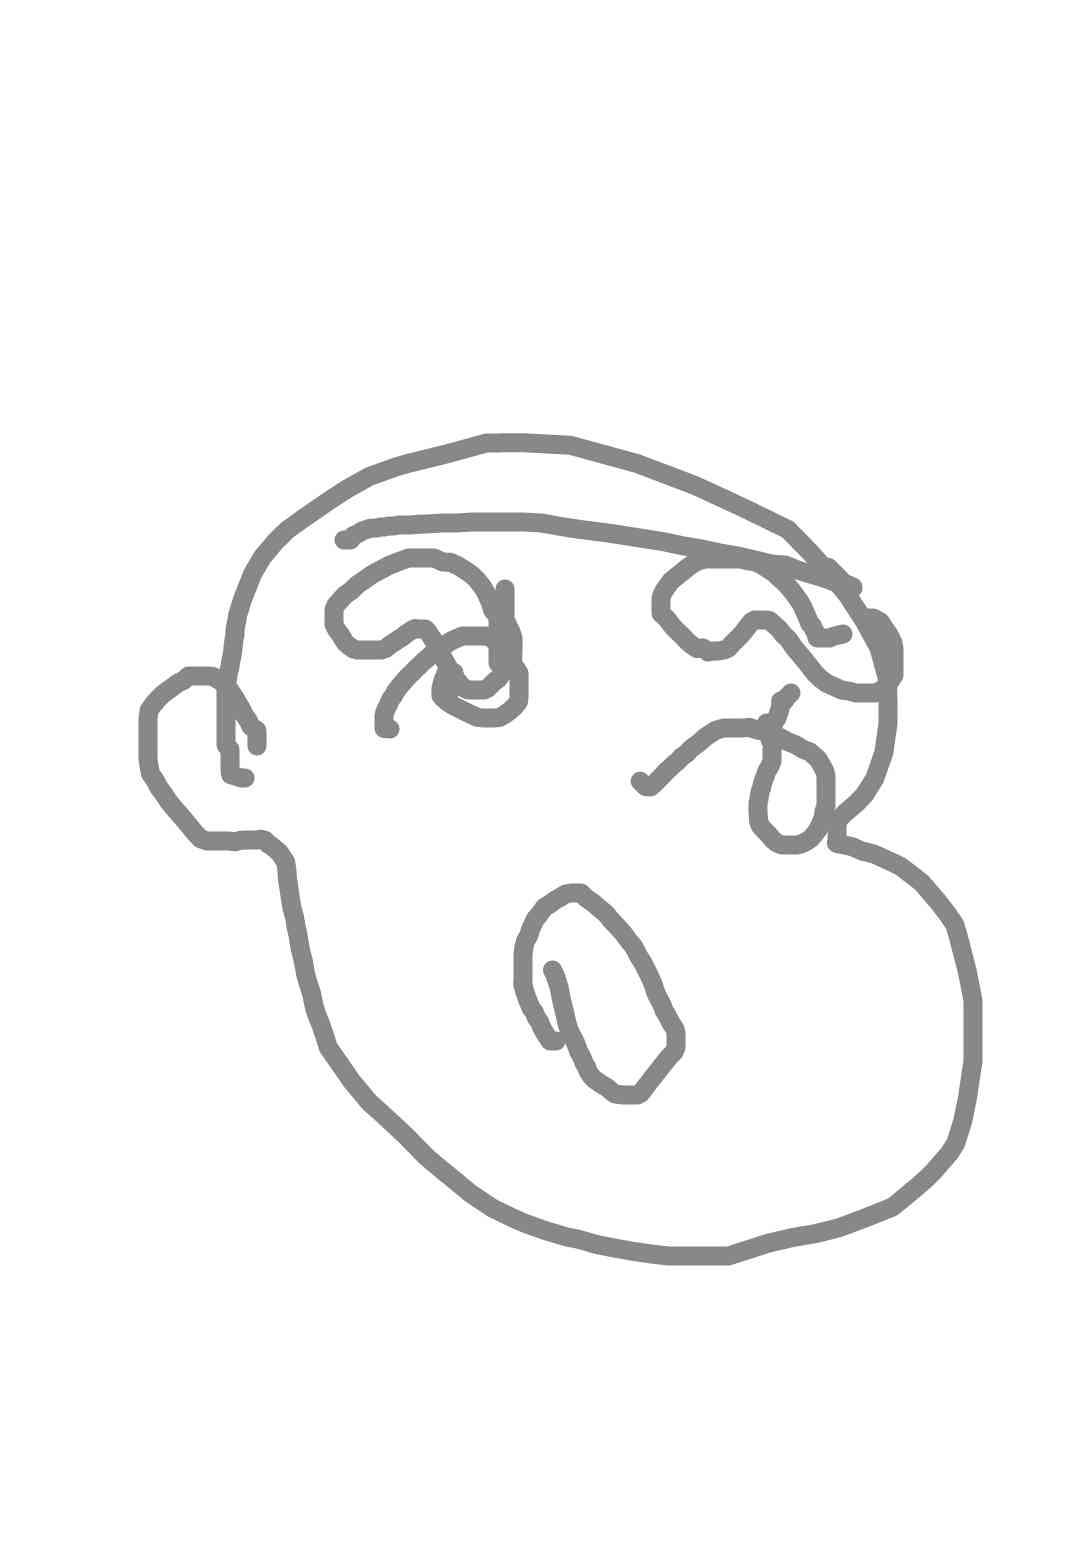 目を瞑ってキャラクターを描いてそれを当てるトピ